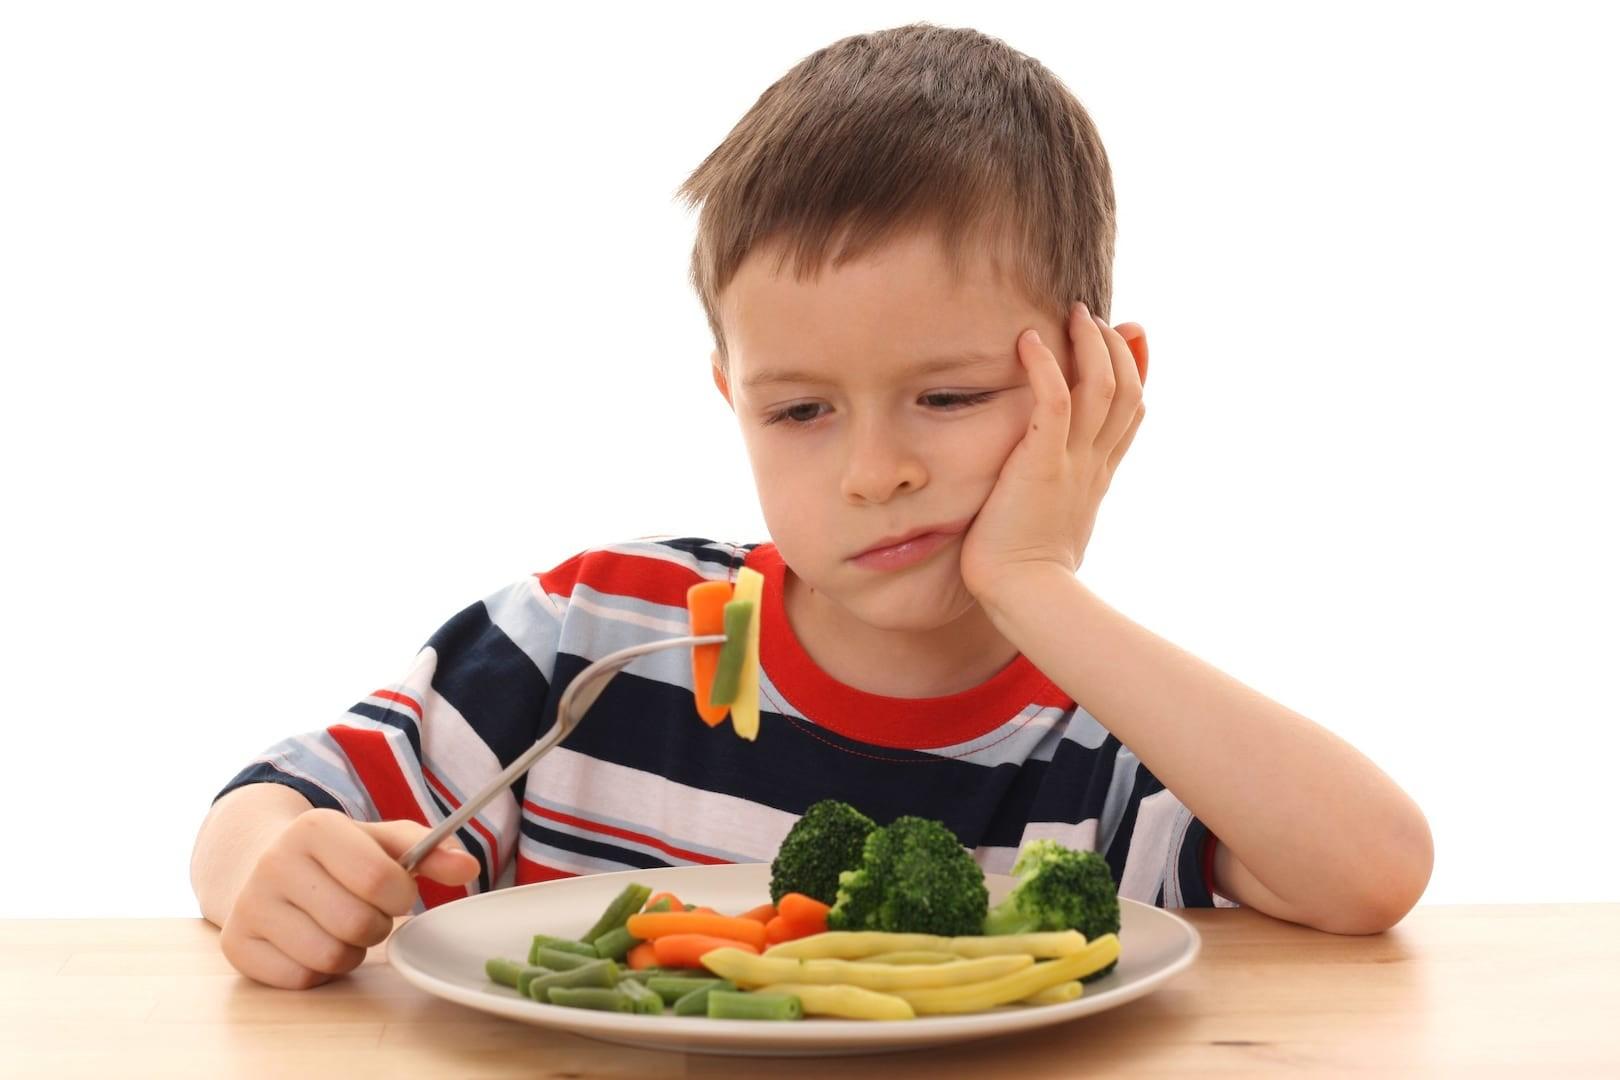 Детям нужно разрешать играть с пищей — Ученые